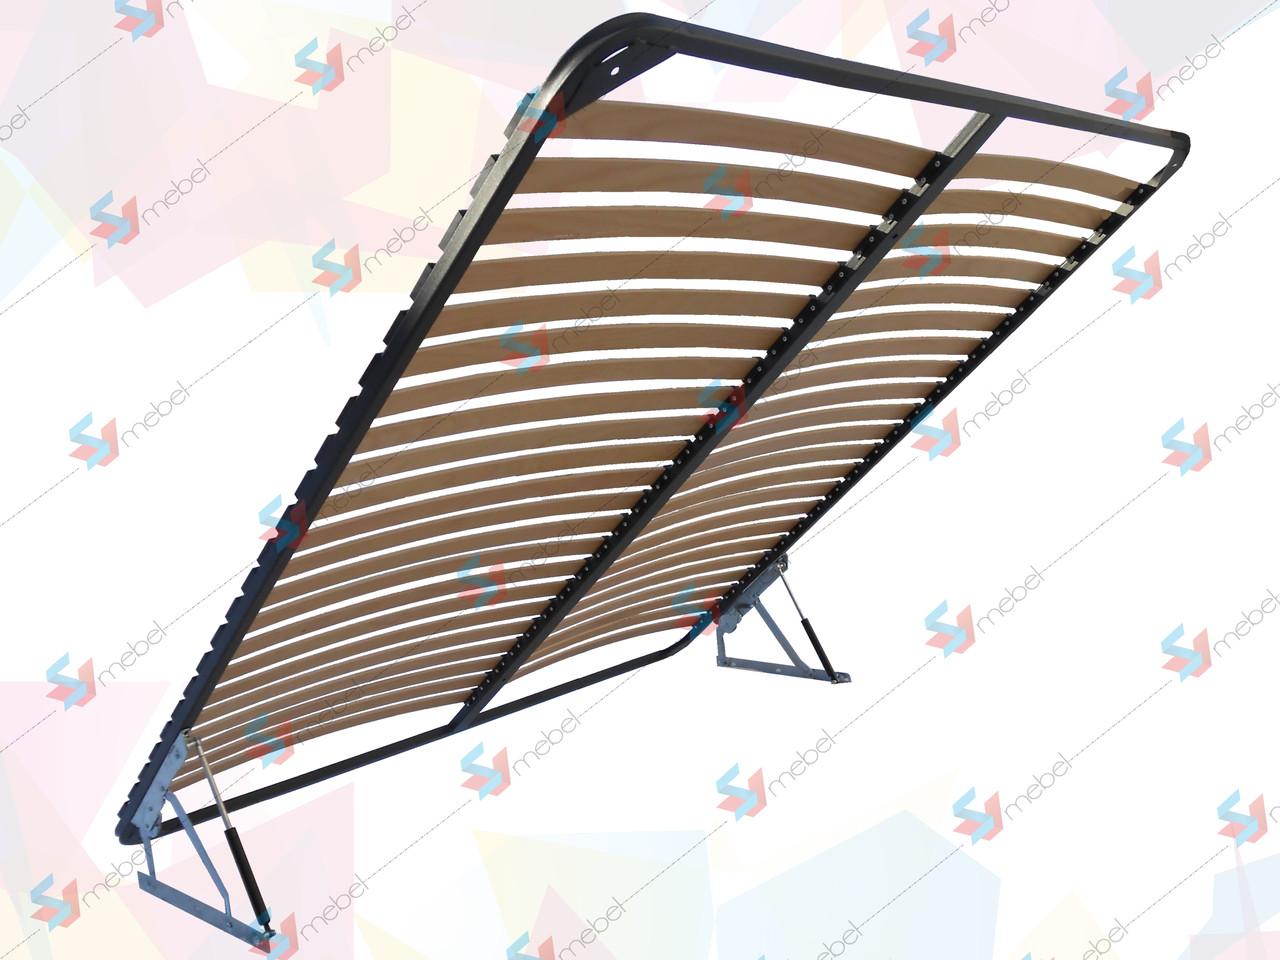 Каркас кровати ортопедический двухспальный с подъемным механизмом(без фиксатора) 1900х1800 мм - SVmebel в Мелитополе